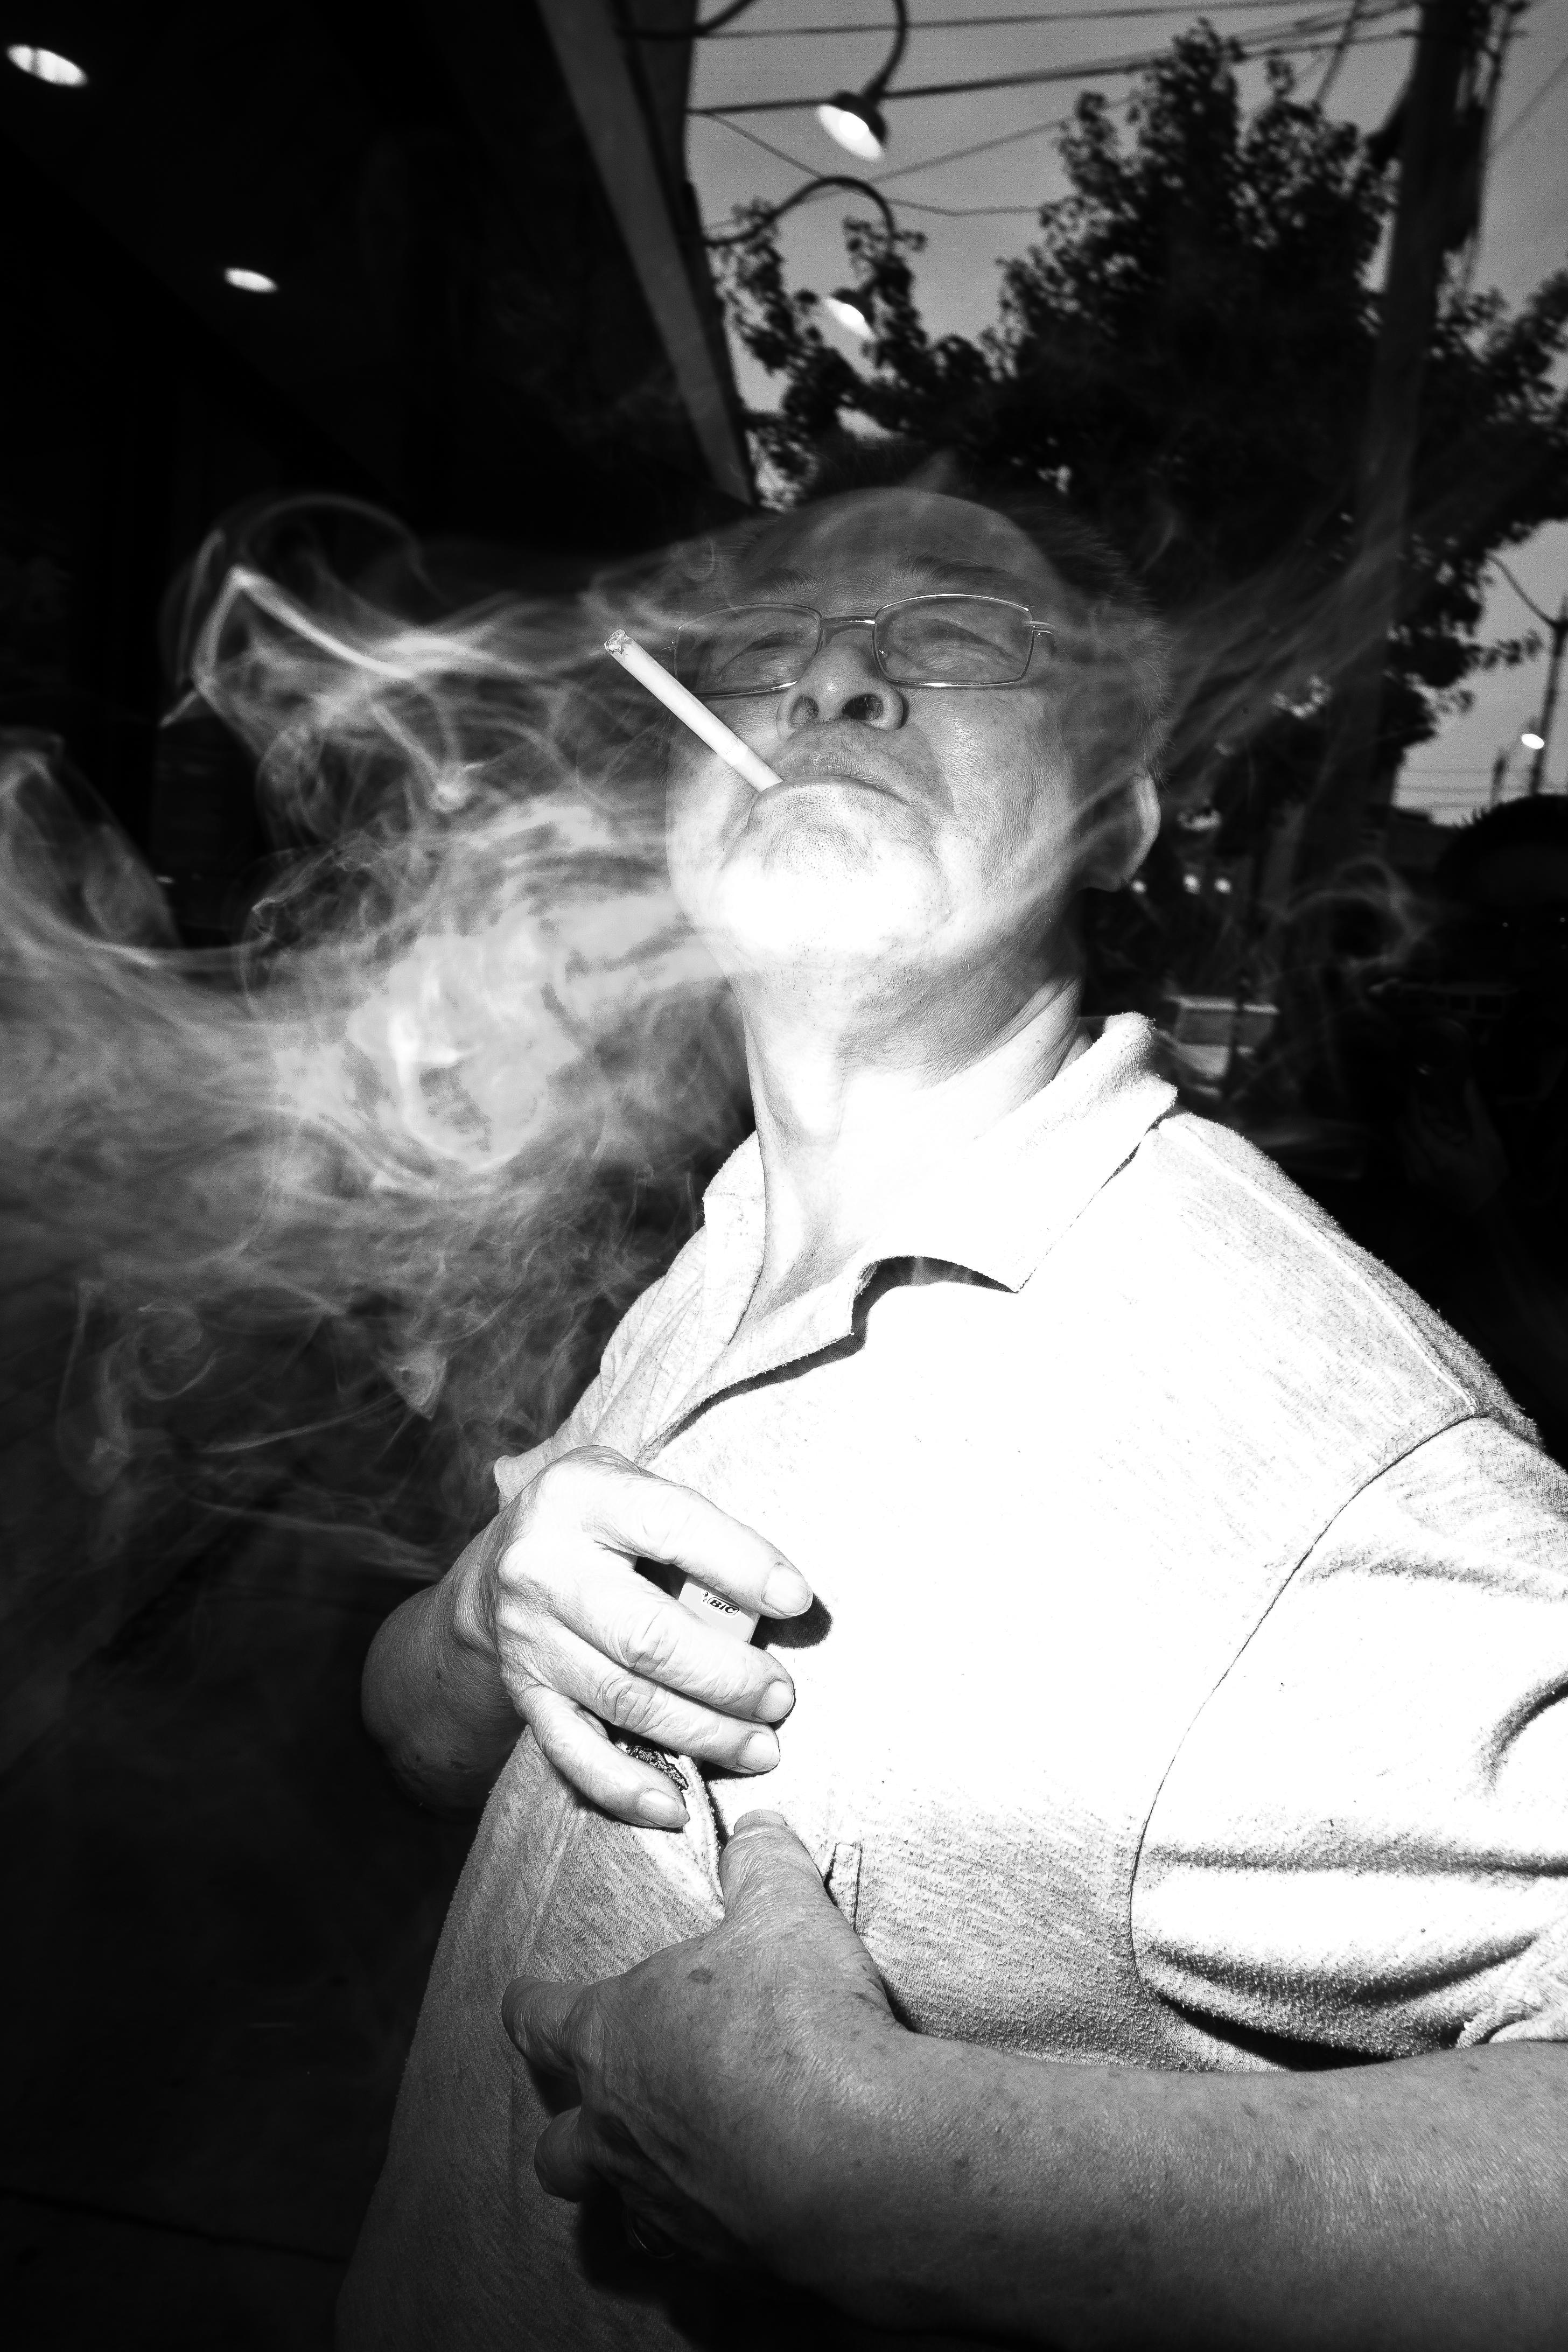 Smoke with flash. The smoke adds to the mood.